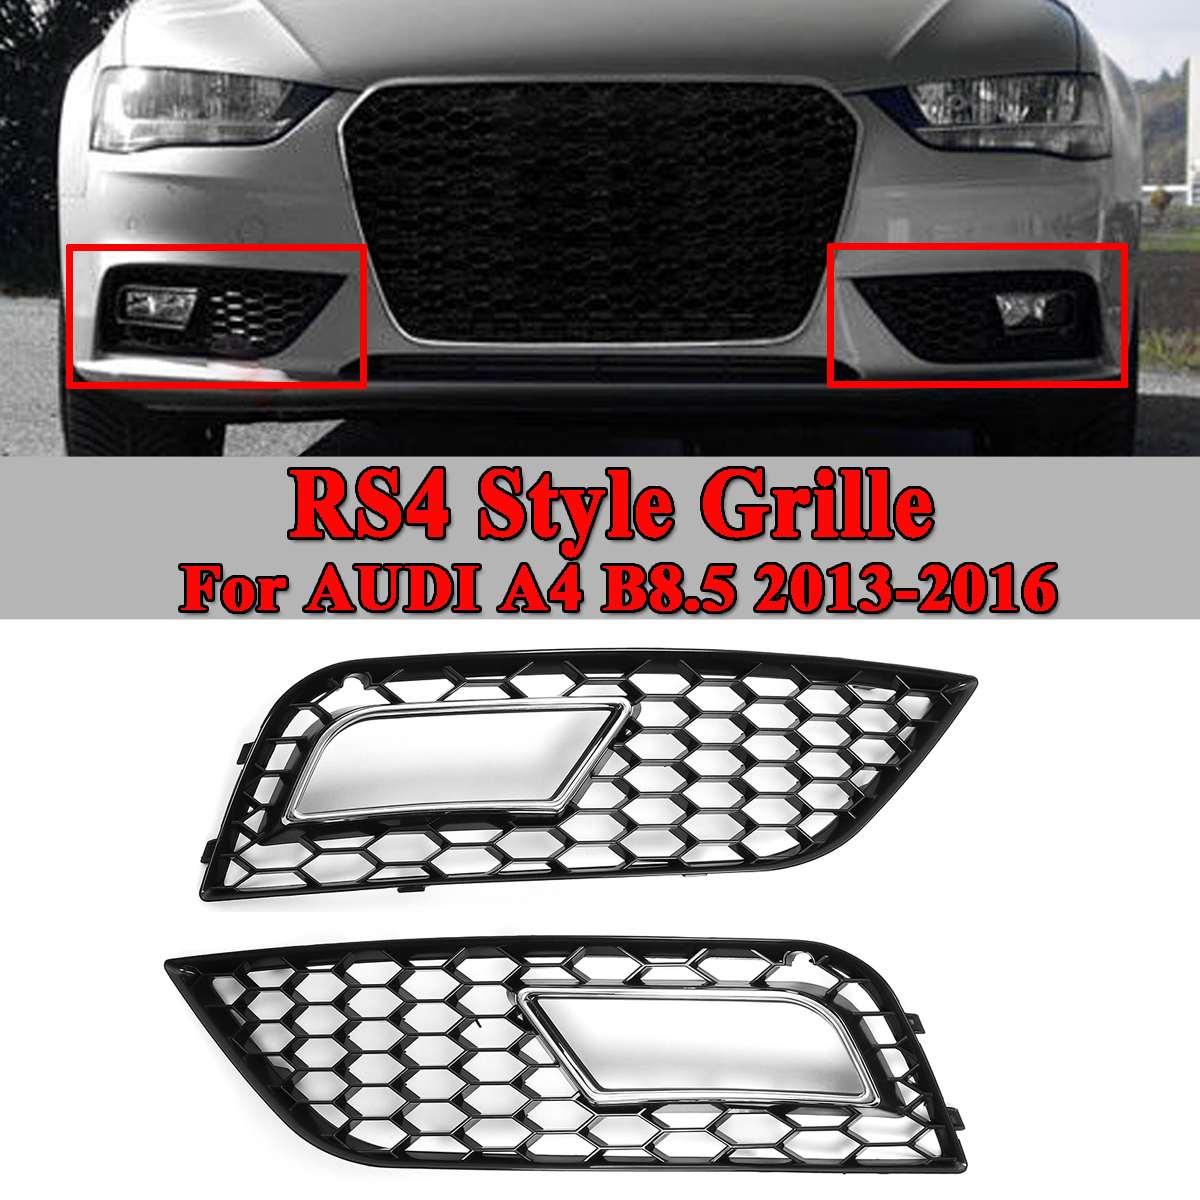 2x Voiture Pare-chocs Brouillard Lumière Couvercle De La Lampe En Nid D'abeille Hex Avant Racing Grille Grill Pour Audi A4 B8.5 2013-2016 RS4 Style Chrome/Noir